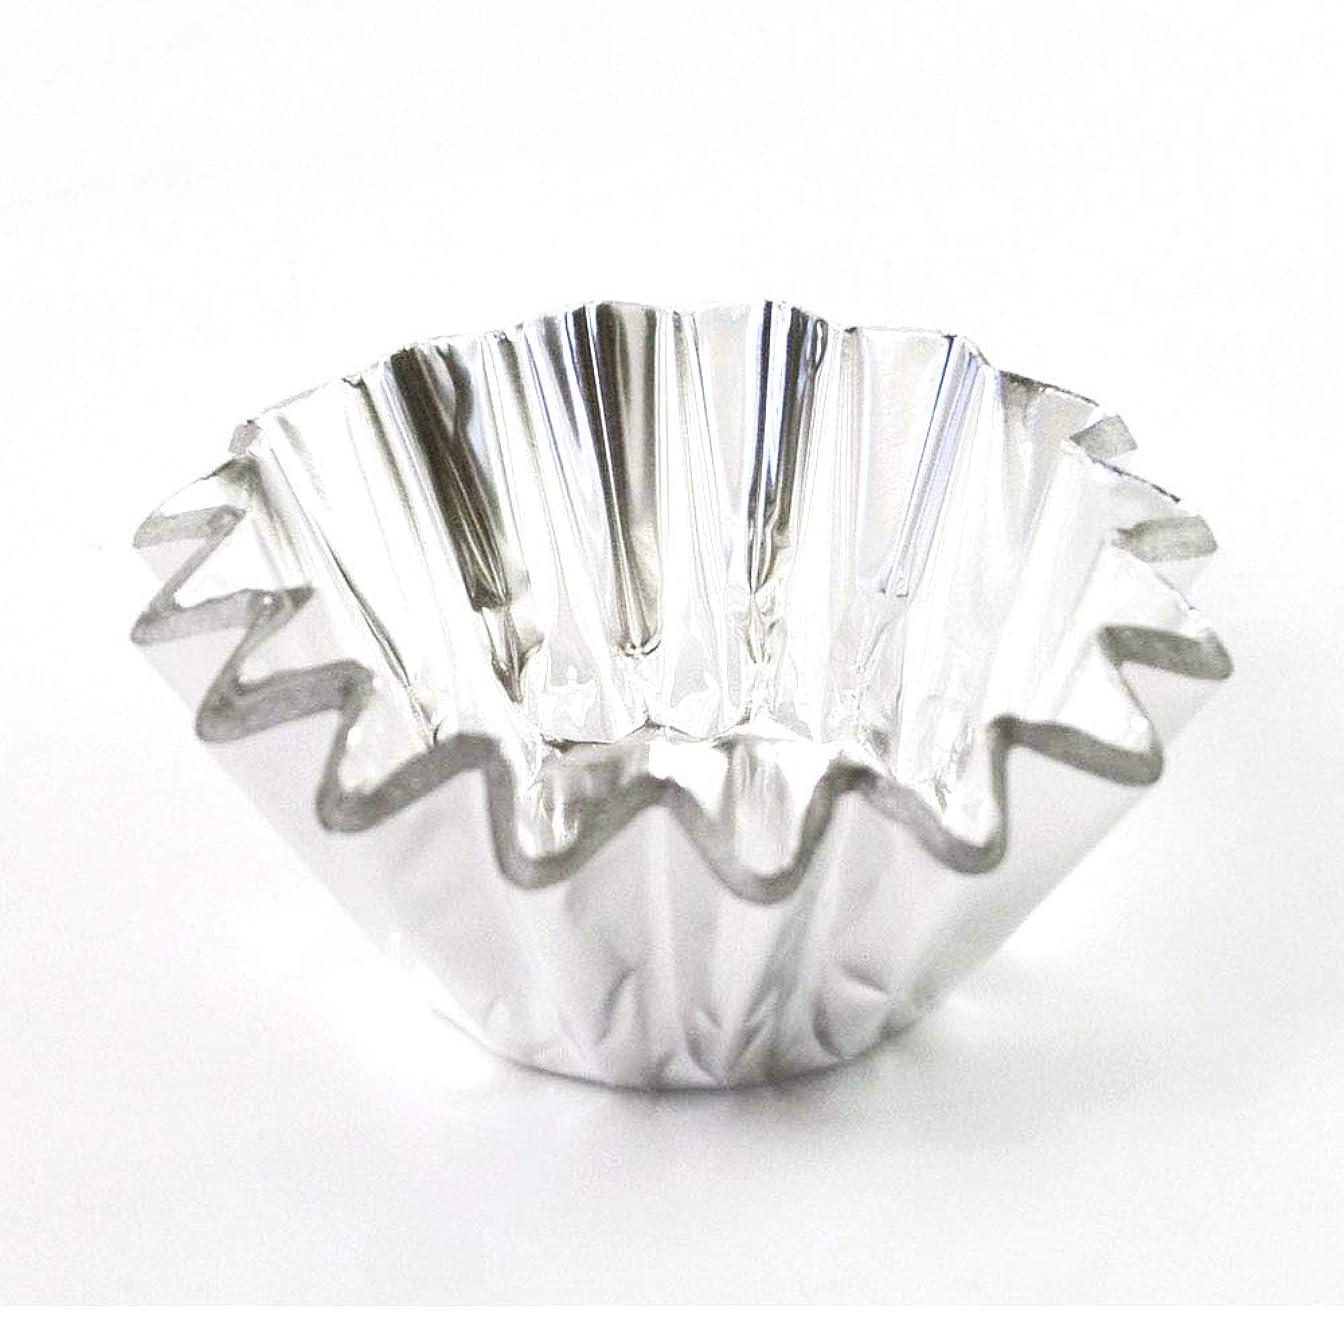 ボランティアどうやって取り組む貝印 KAI アルミ箔 Kai House Select 菊型 20枚入 日本製 DL6168